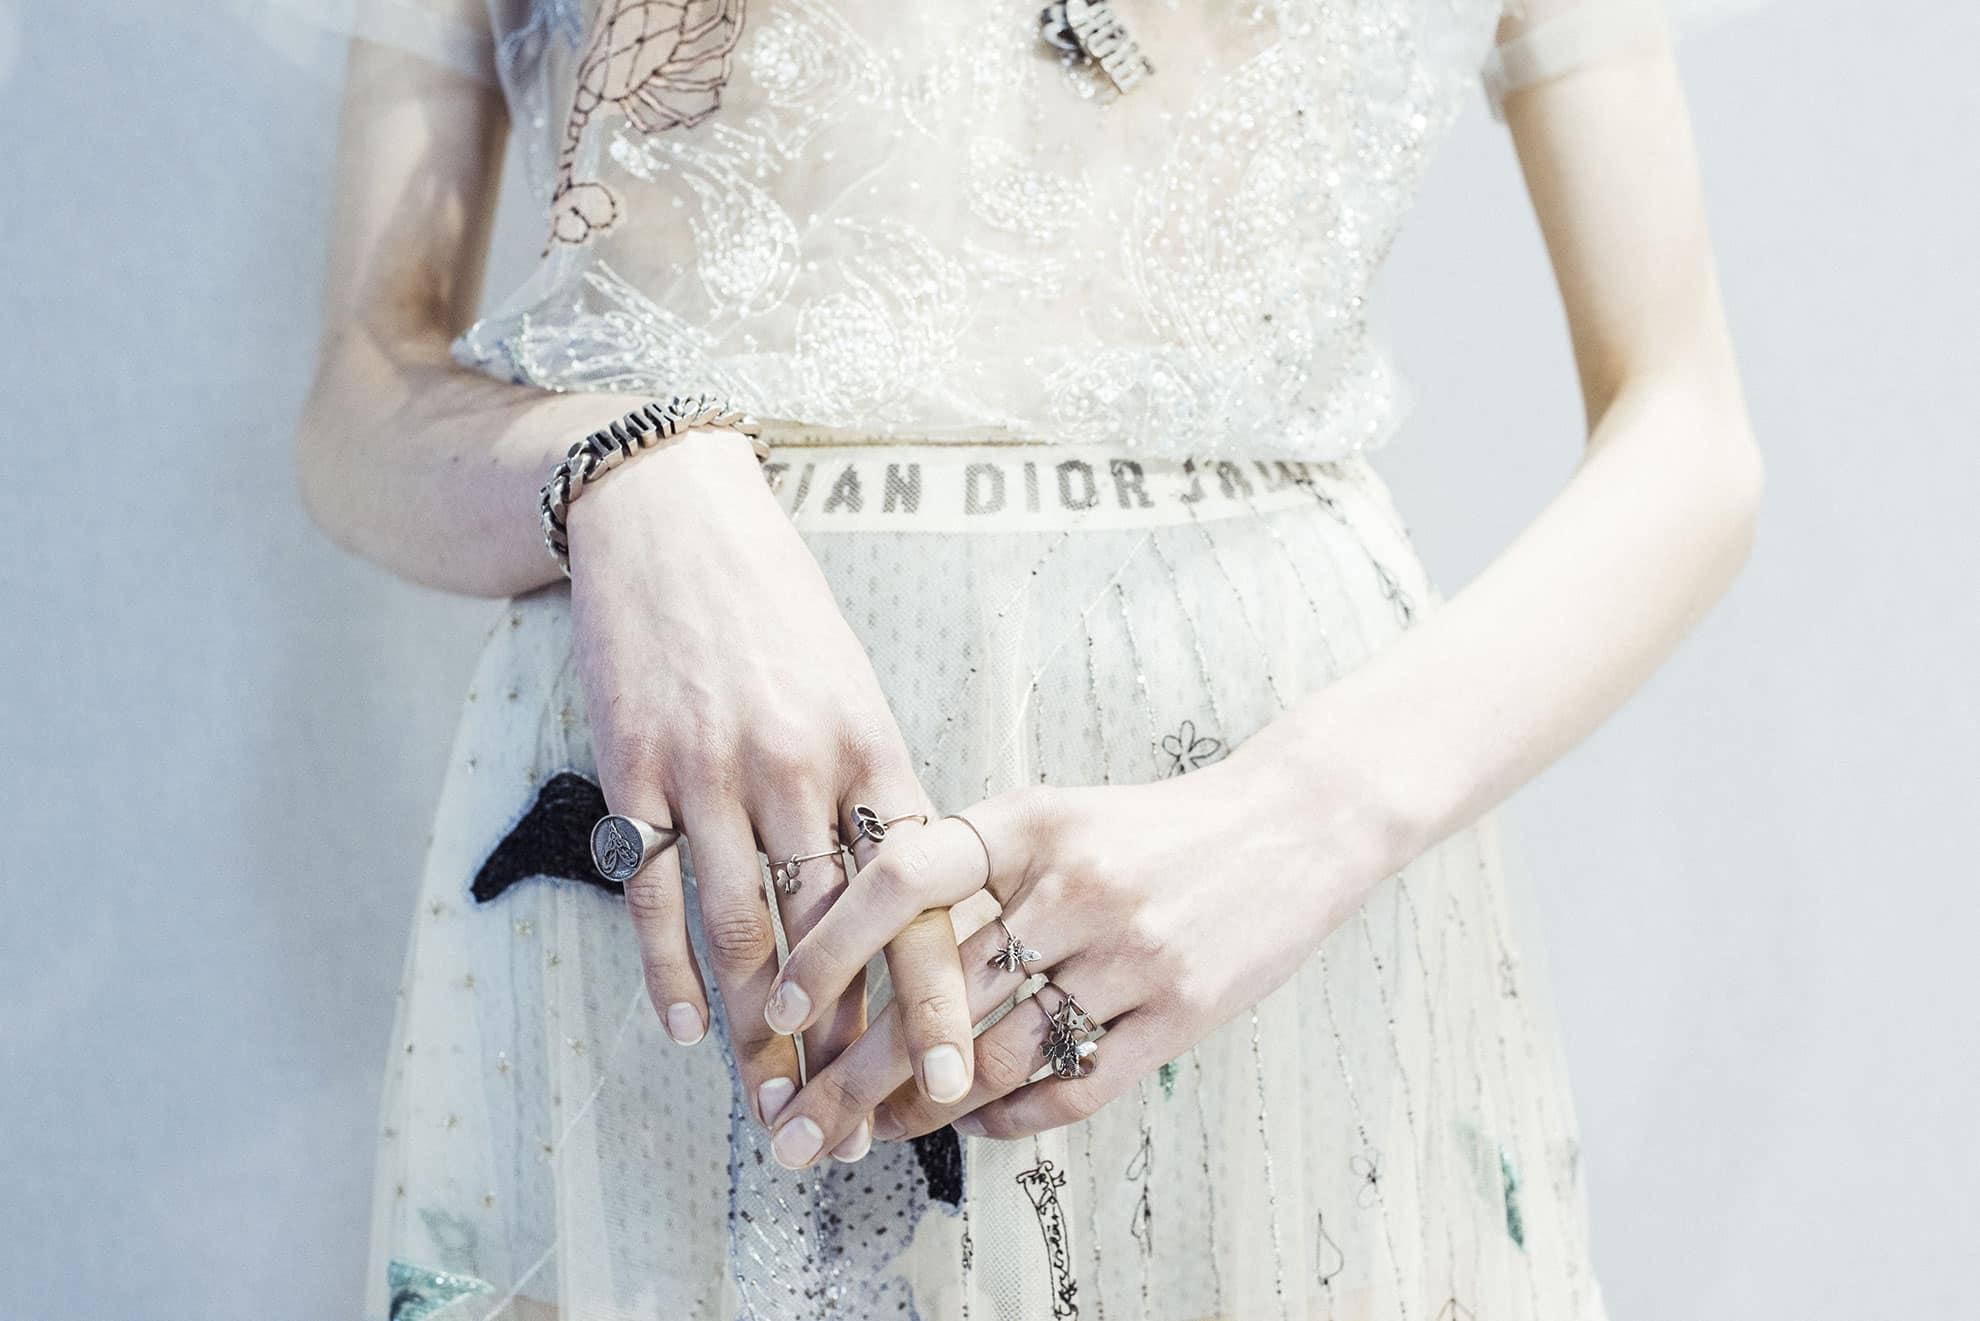 L'estetica femminista di Maria Grazia Chiuri per Dior